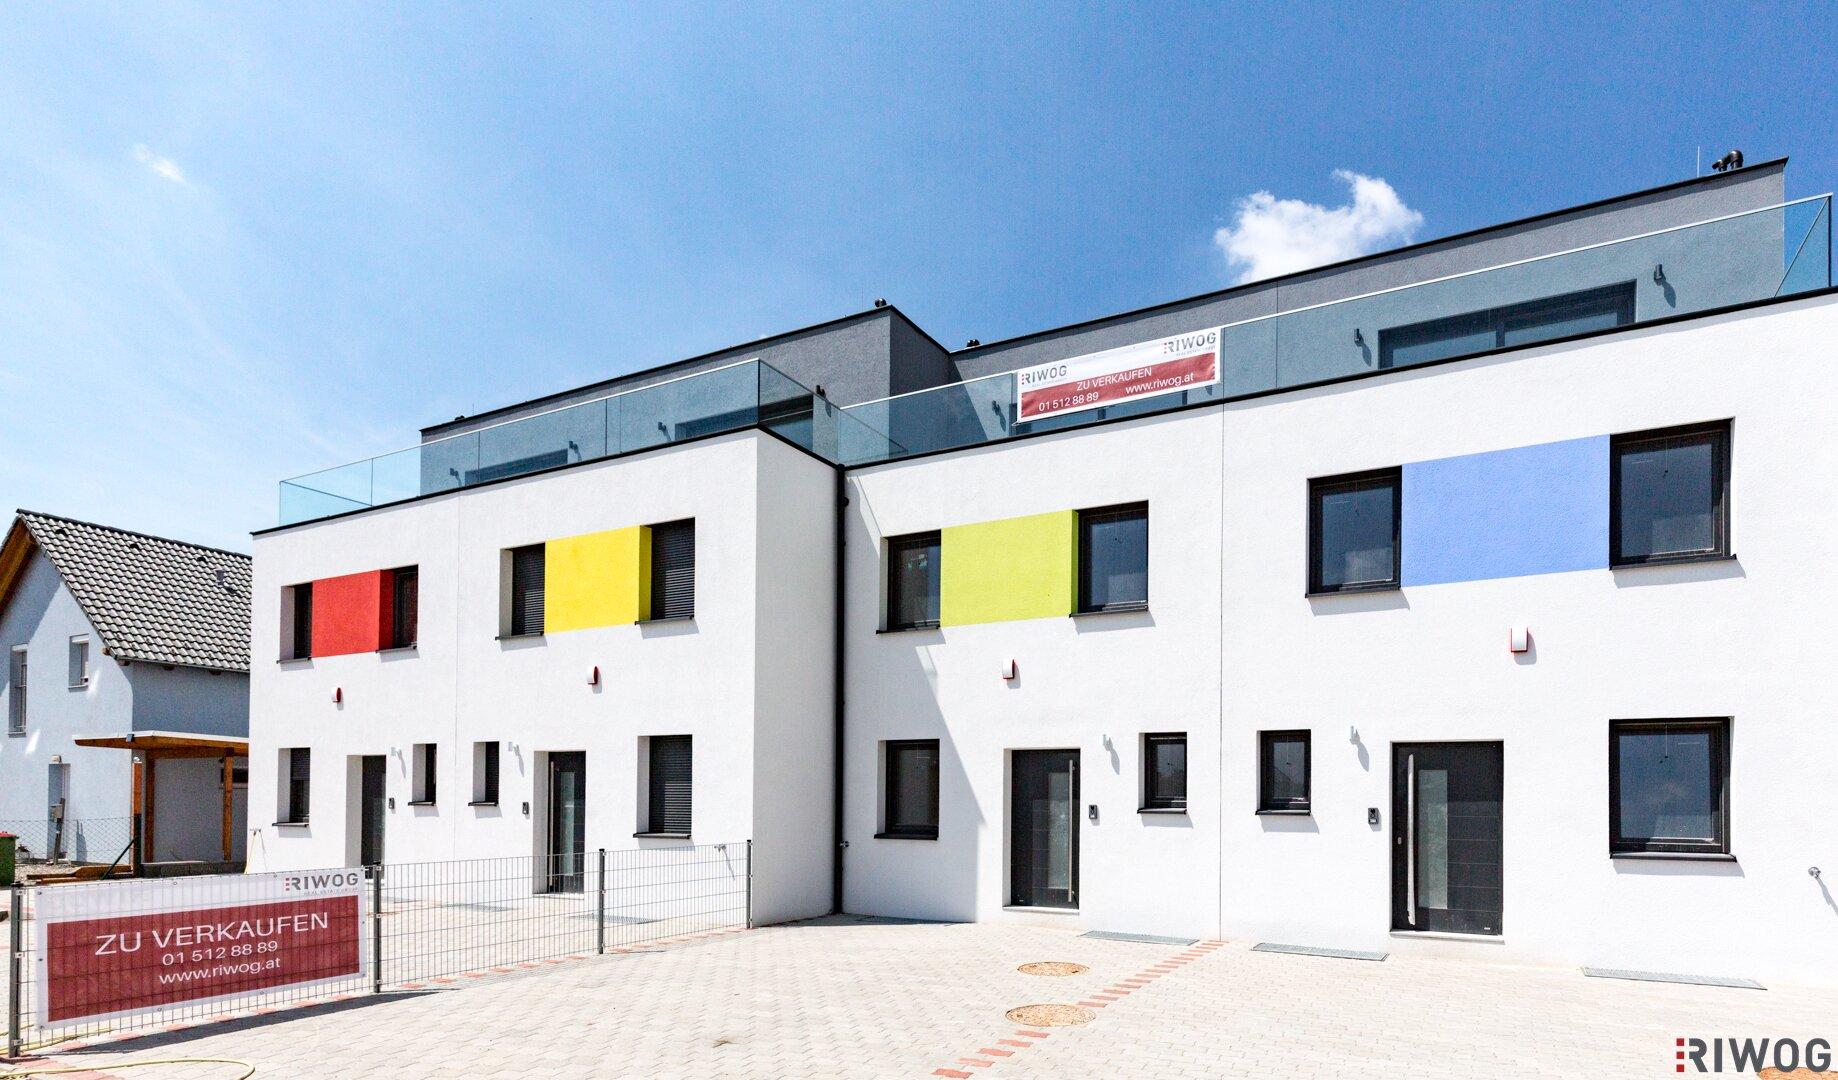 Wohnen in der Auvorstadt - Doppelhausprojekt Graureiher (Projektansicht)